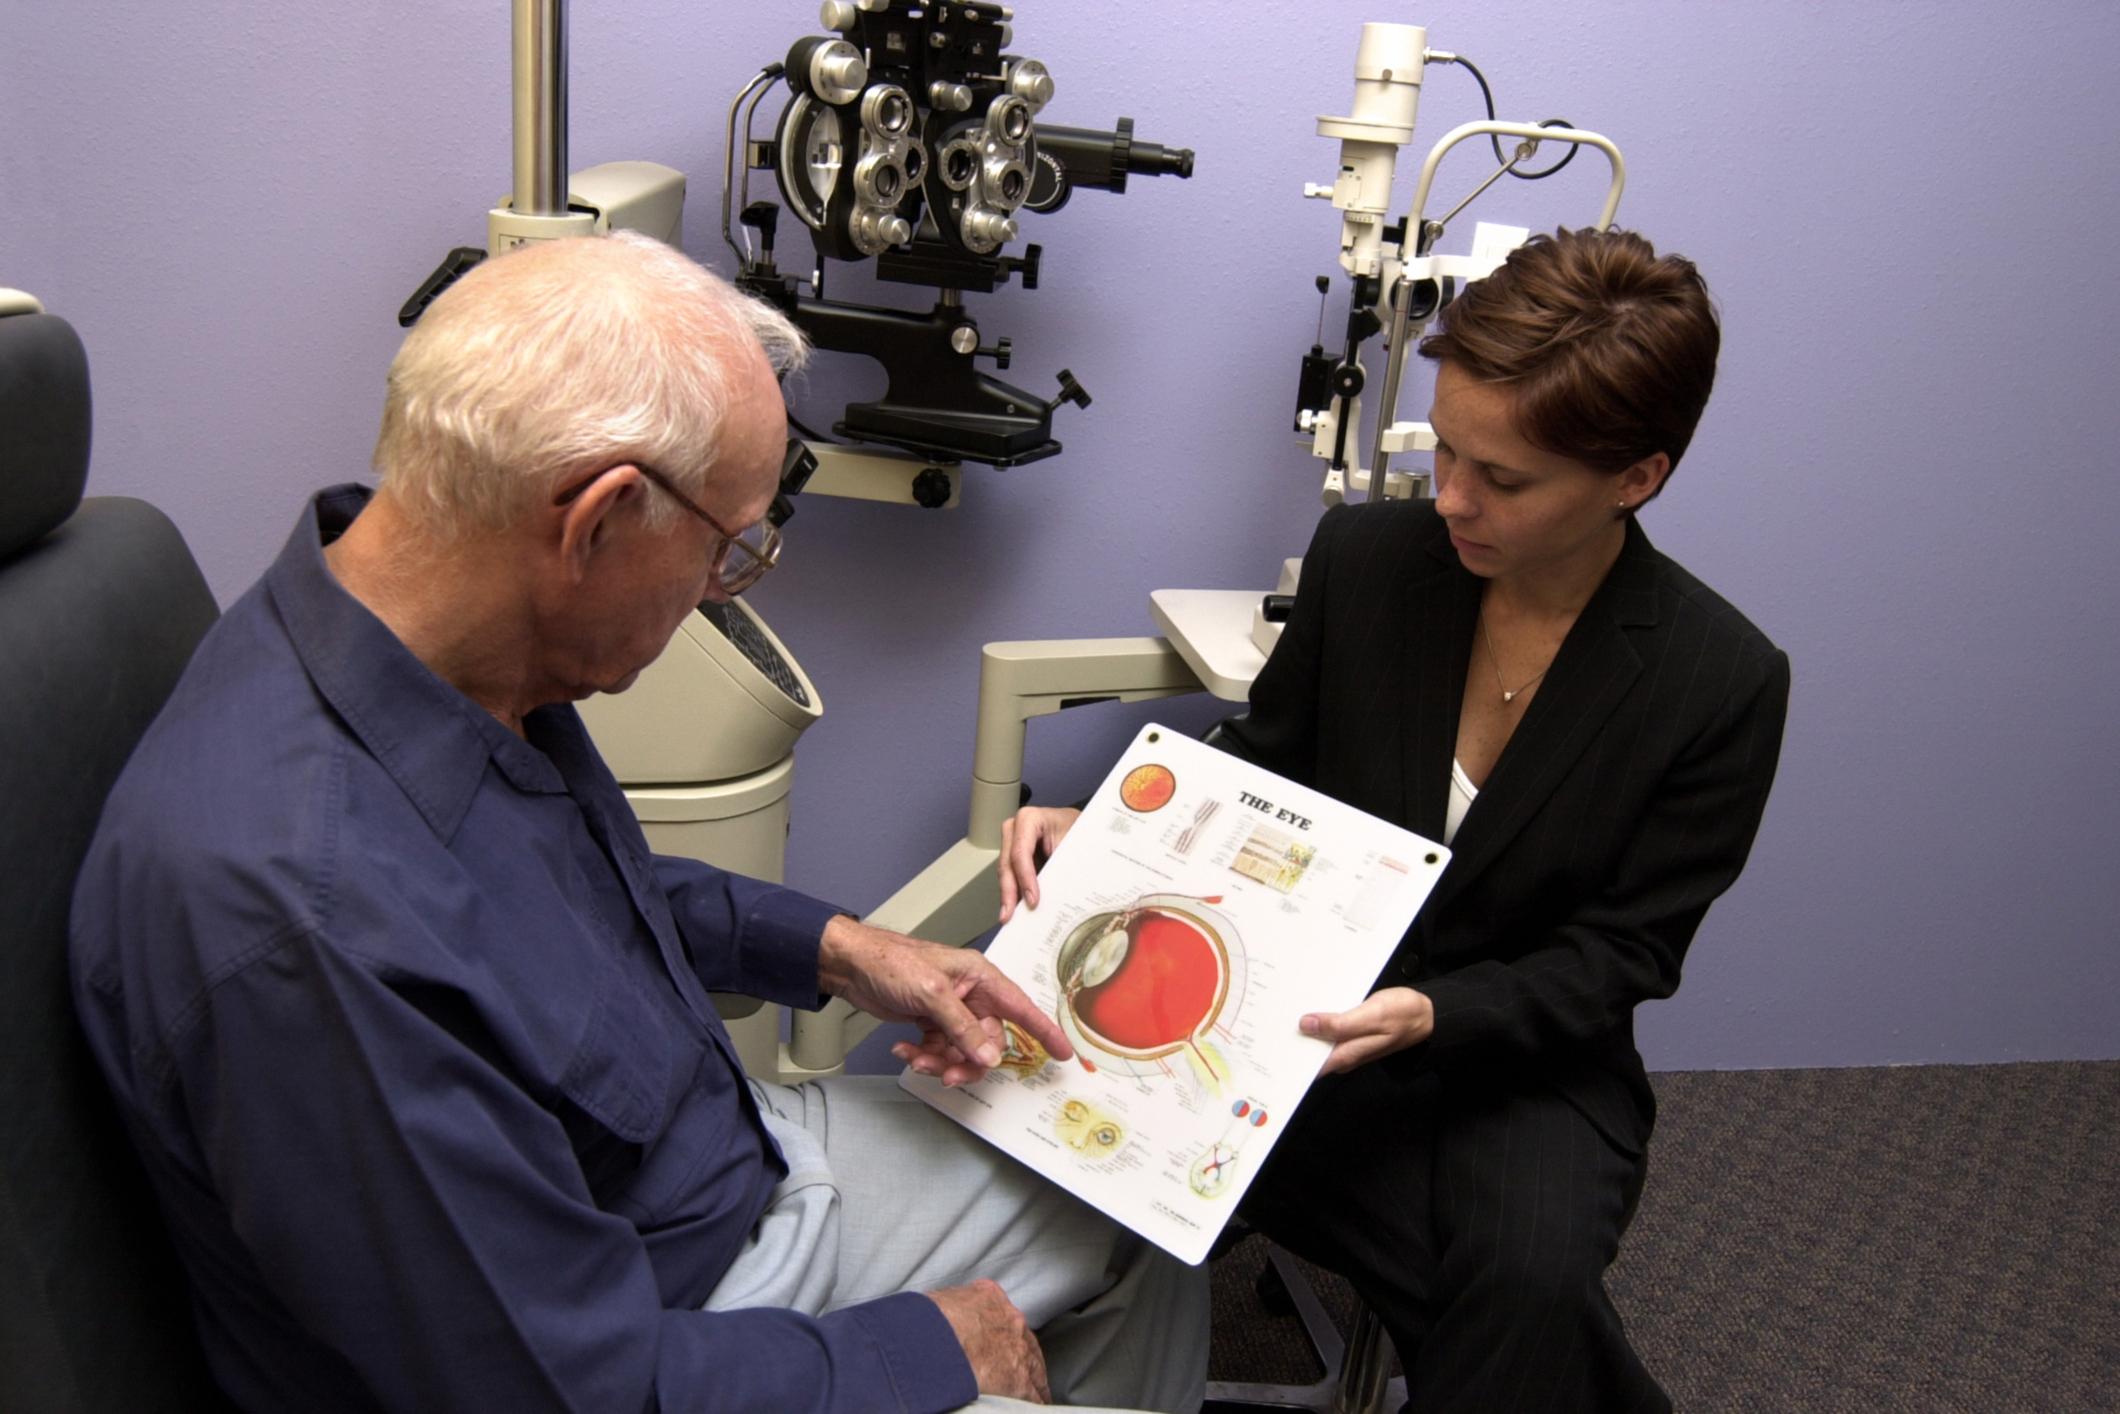 mauclar degeneration linked to immune abnormalities in retina